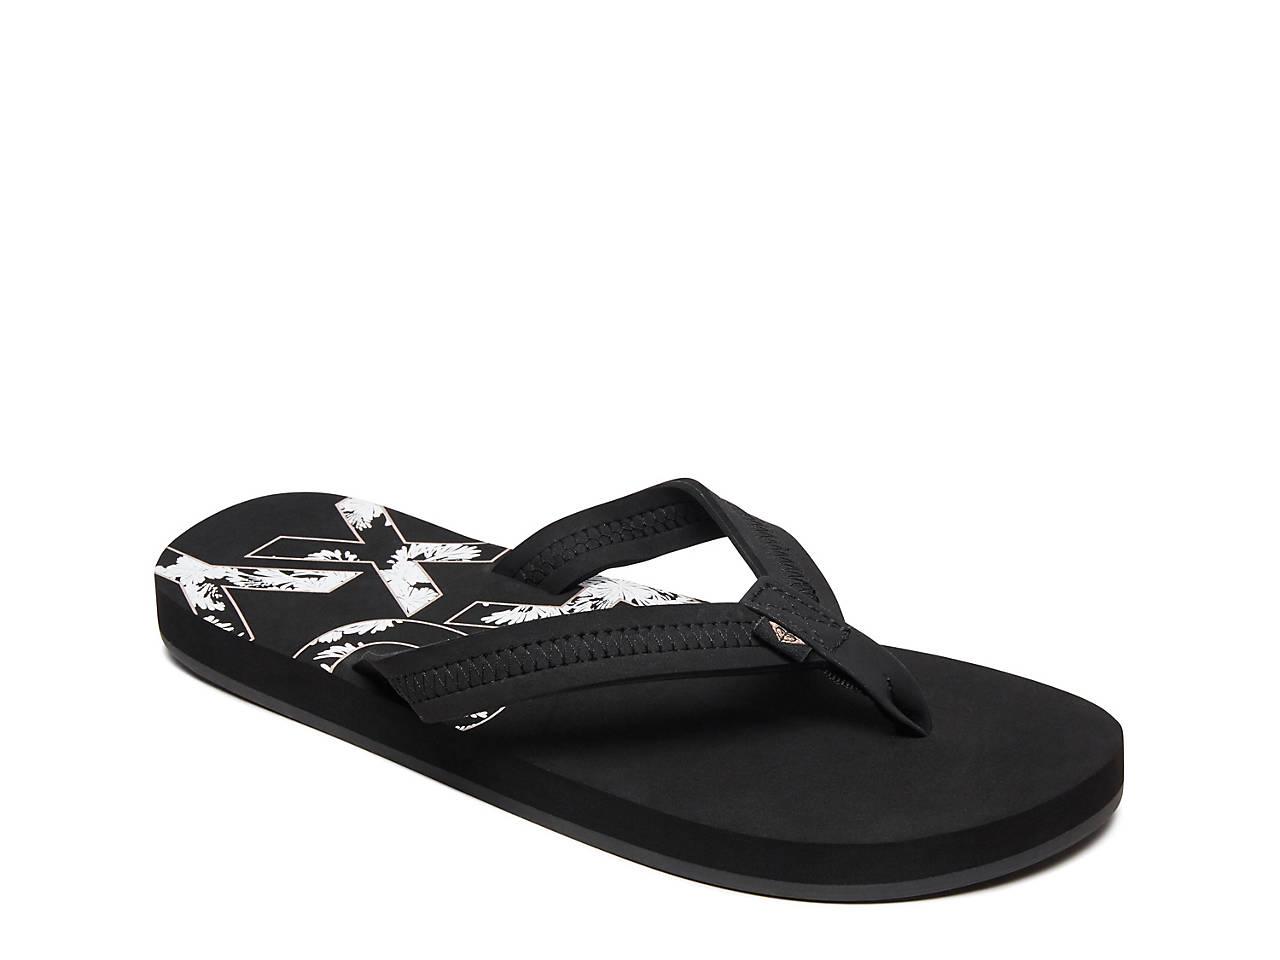 0fe7f0f95 Roxy Point Break Flip Flop Women s Shoes